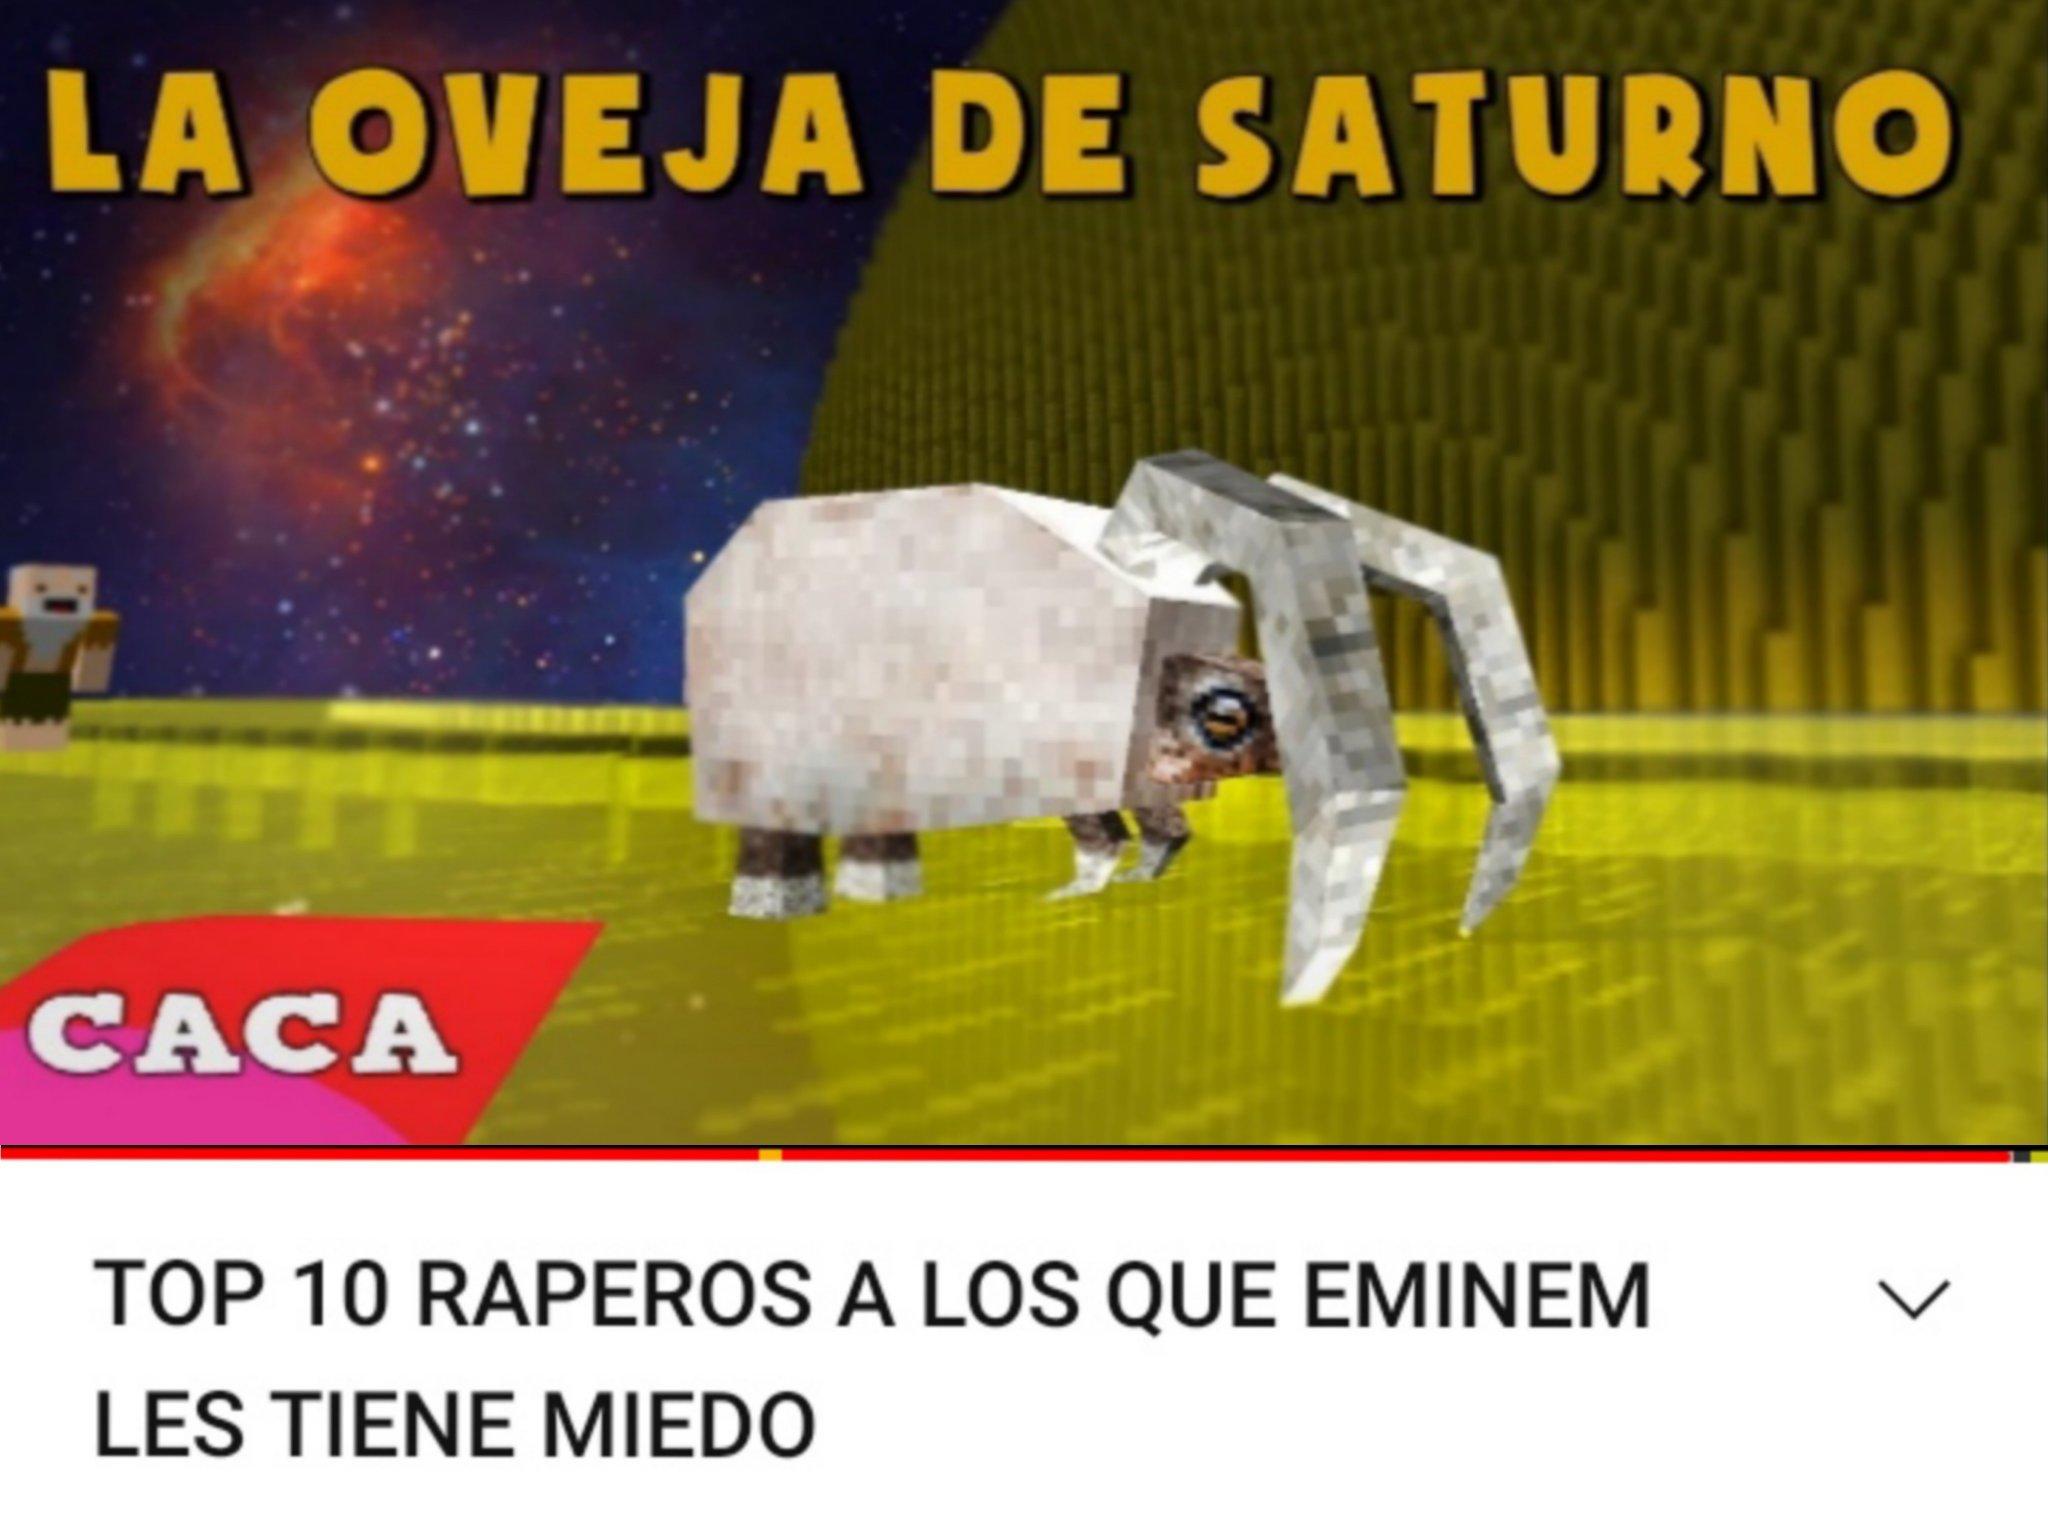 La oveja de Saturno xd - meme